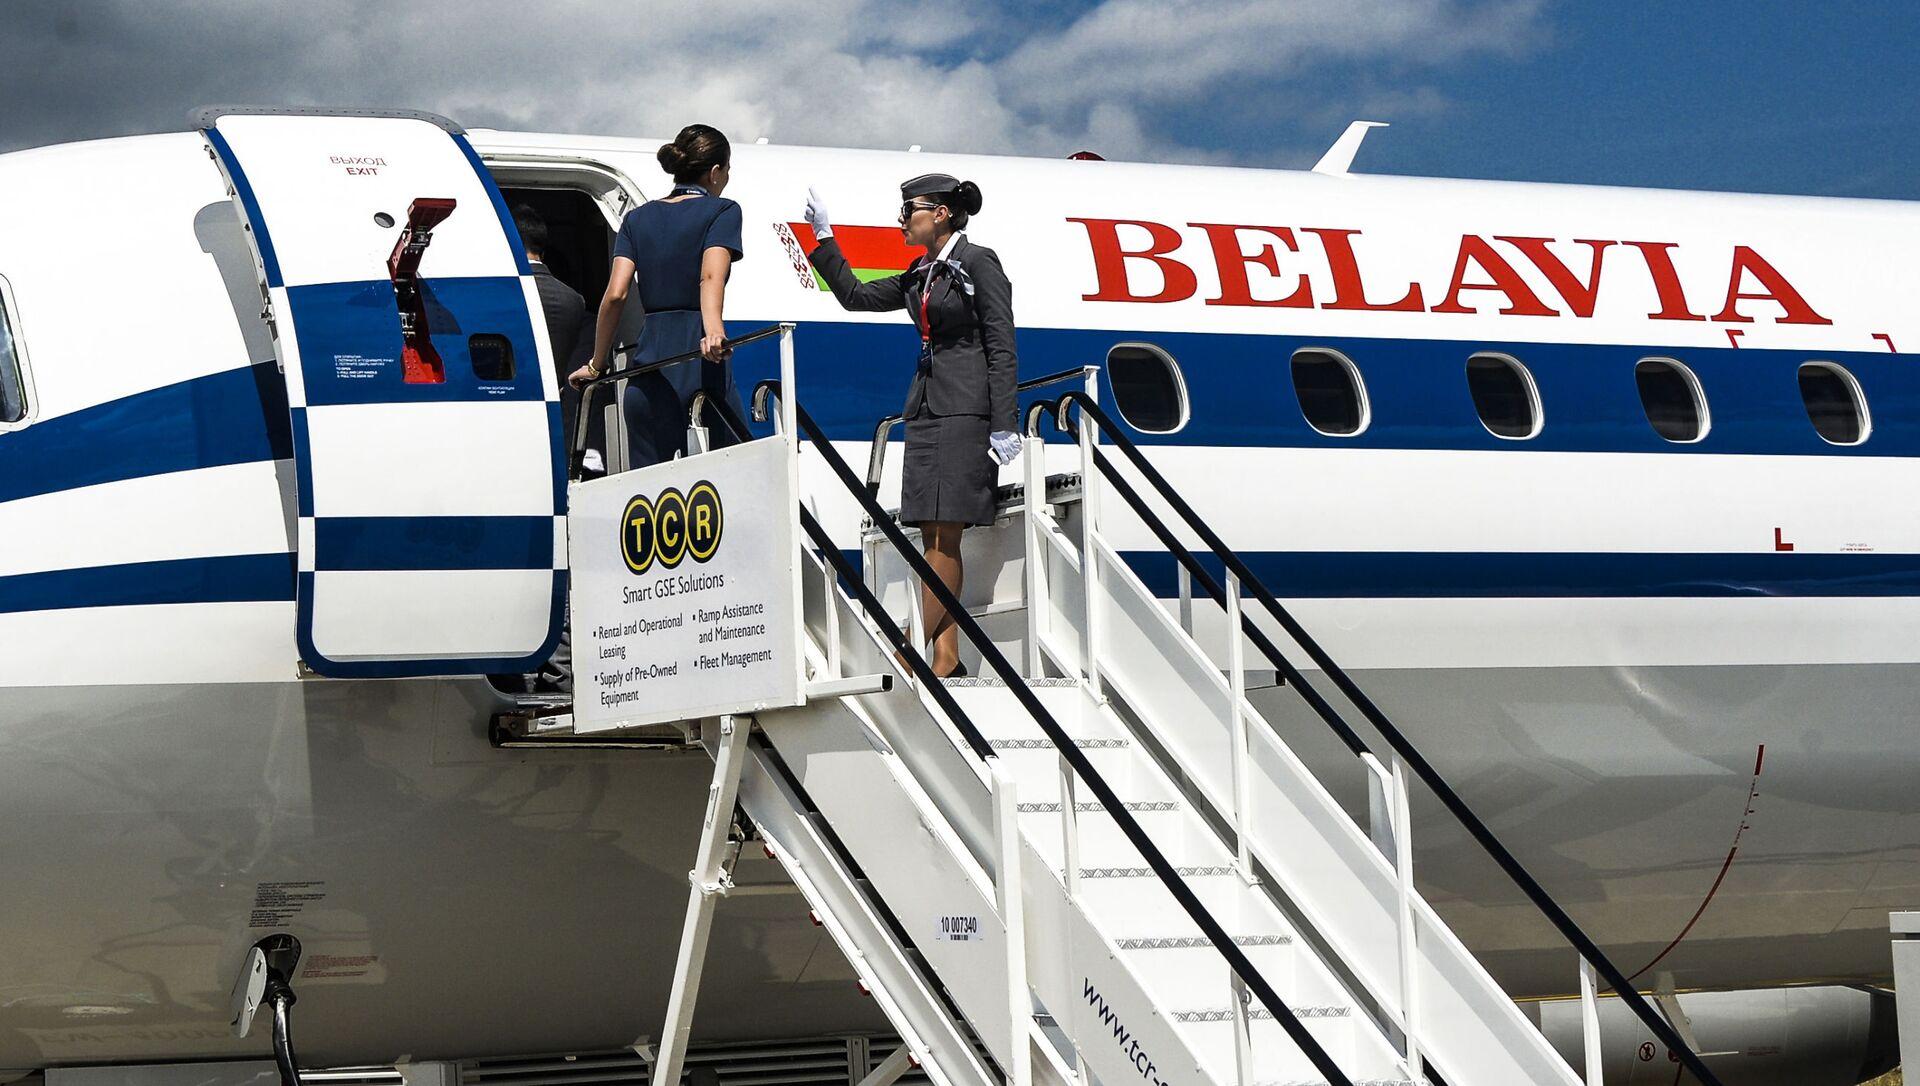 Białoruskie linie lotnicze Belavia - Sputnik Polska, 1920, 26.05.2021